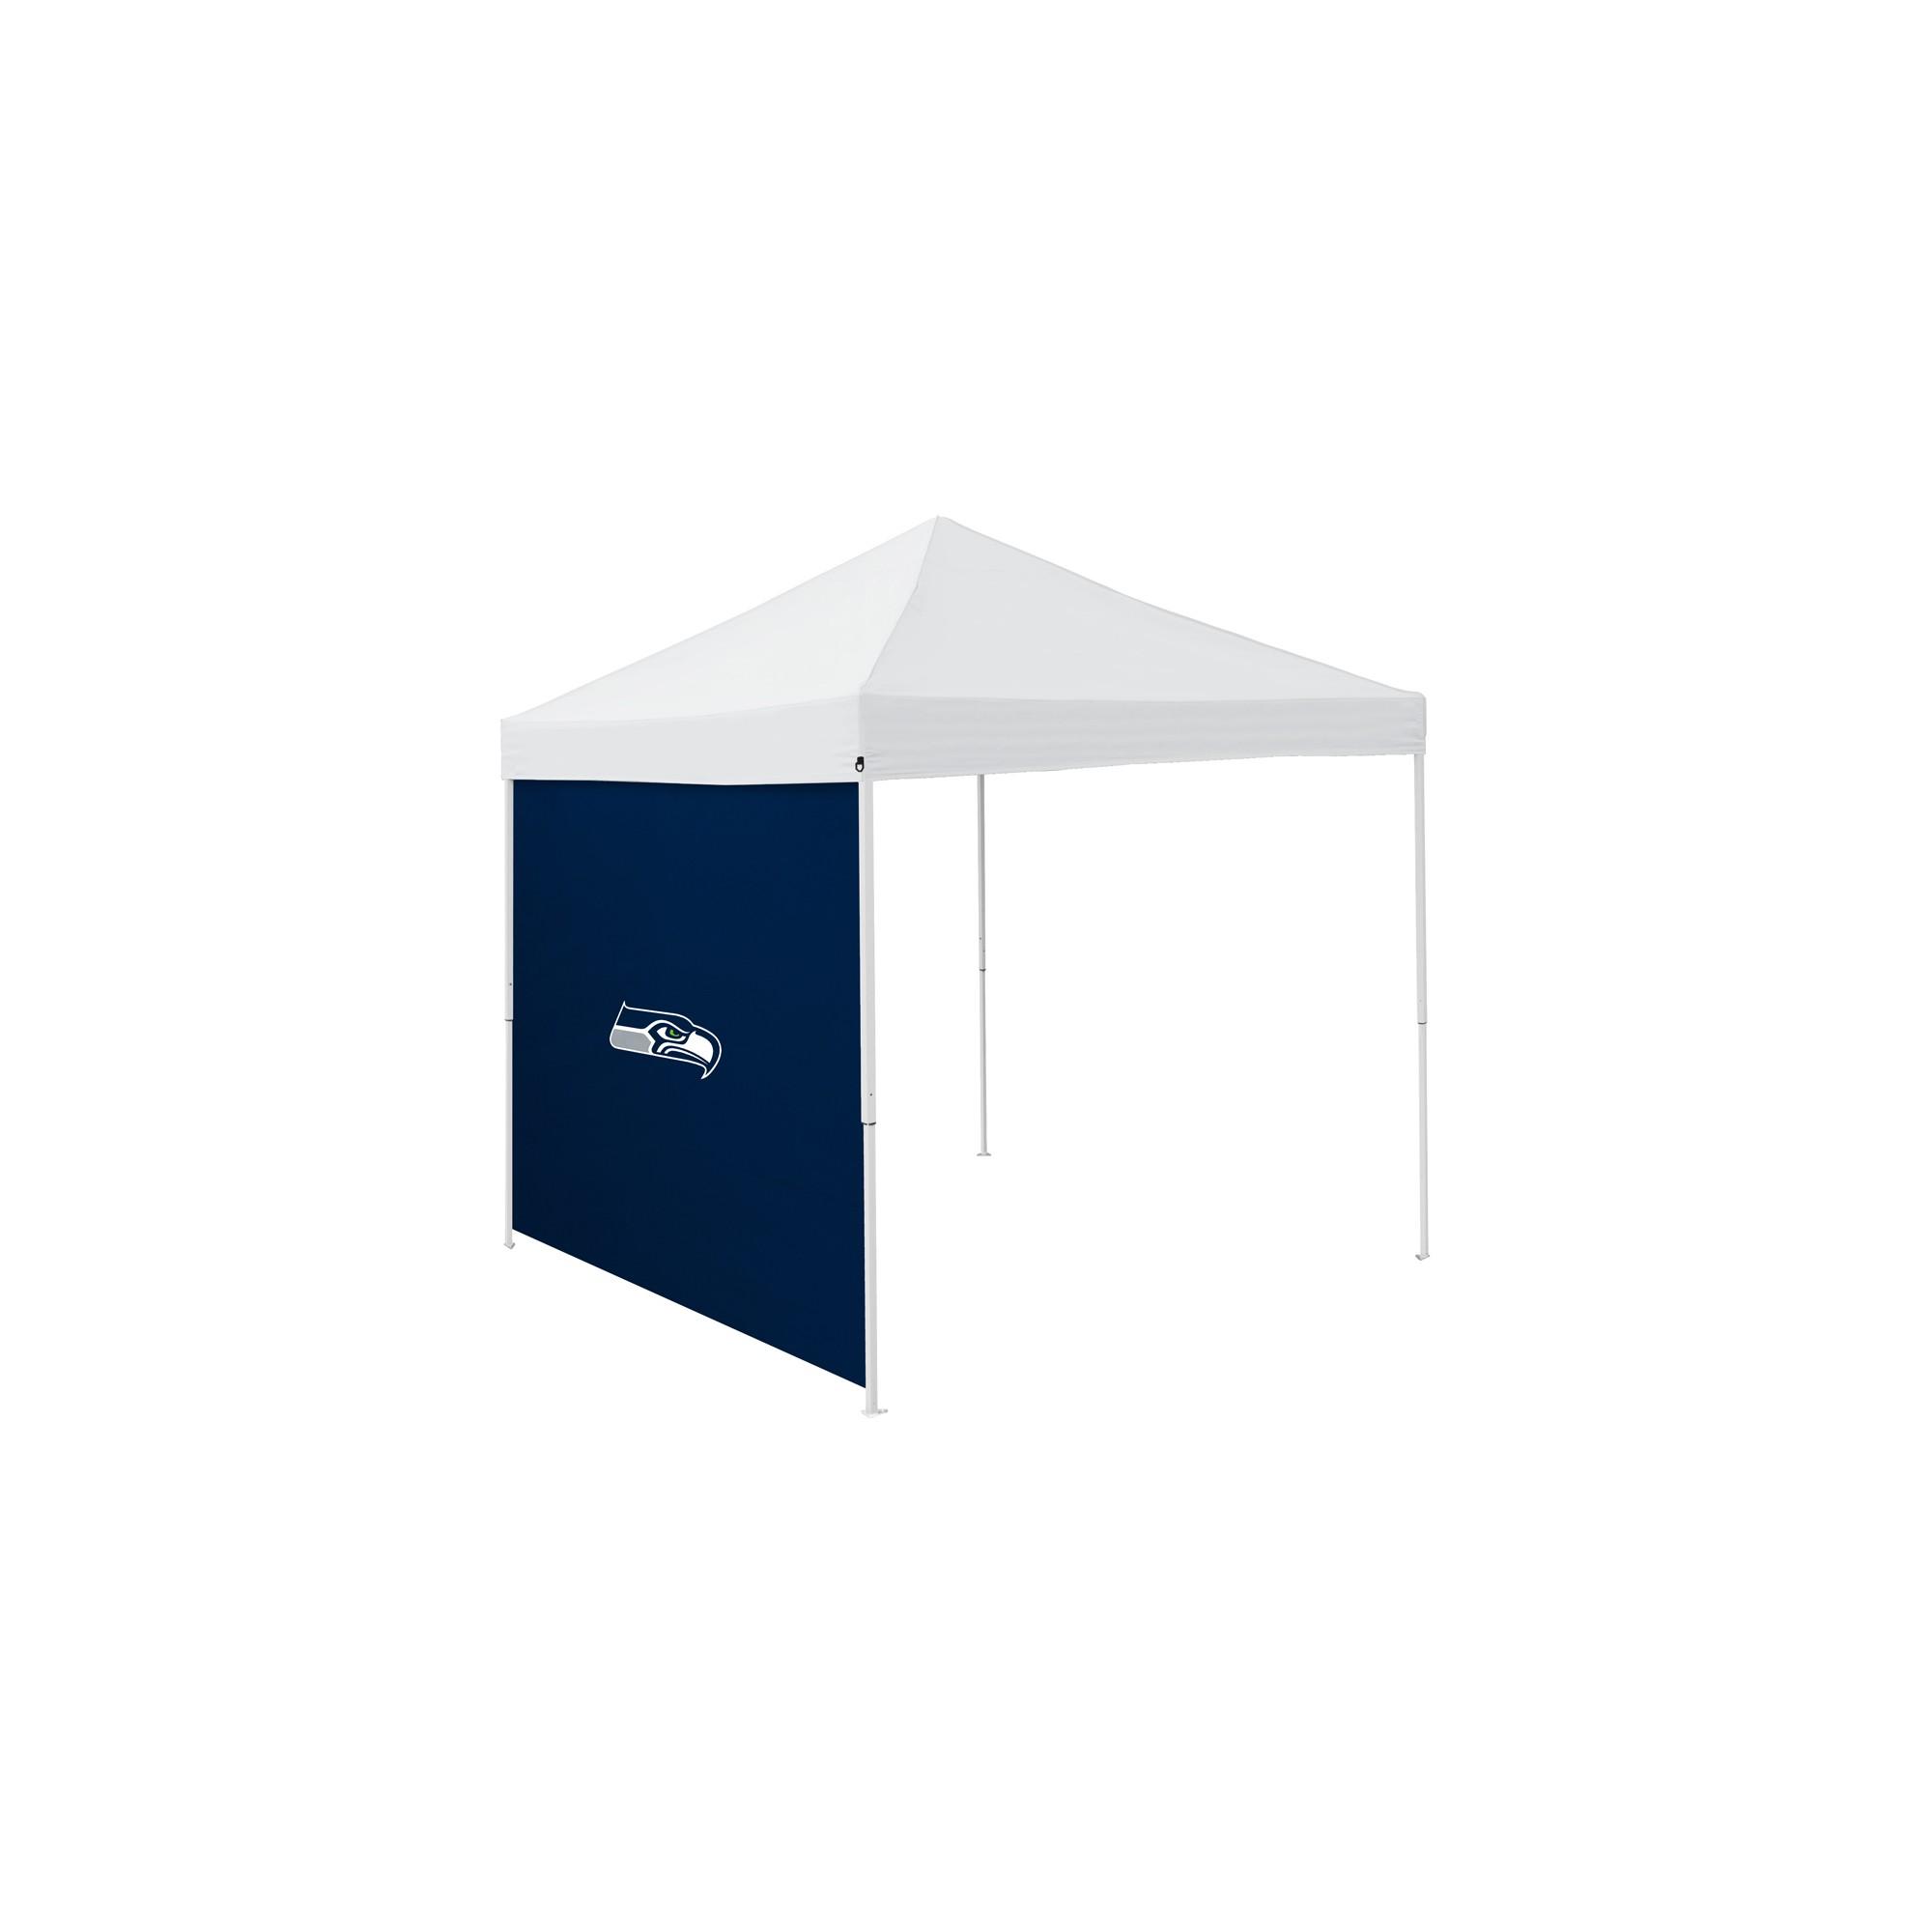 NFL Seattle Seahawks 9x9u0027 Canopy Side Panel  sc 1 st  Pinterest & NFL Seattle Seahawks 9x9u0027 Canopy Side Panel | Nfl seattle ...